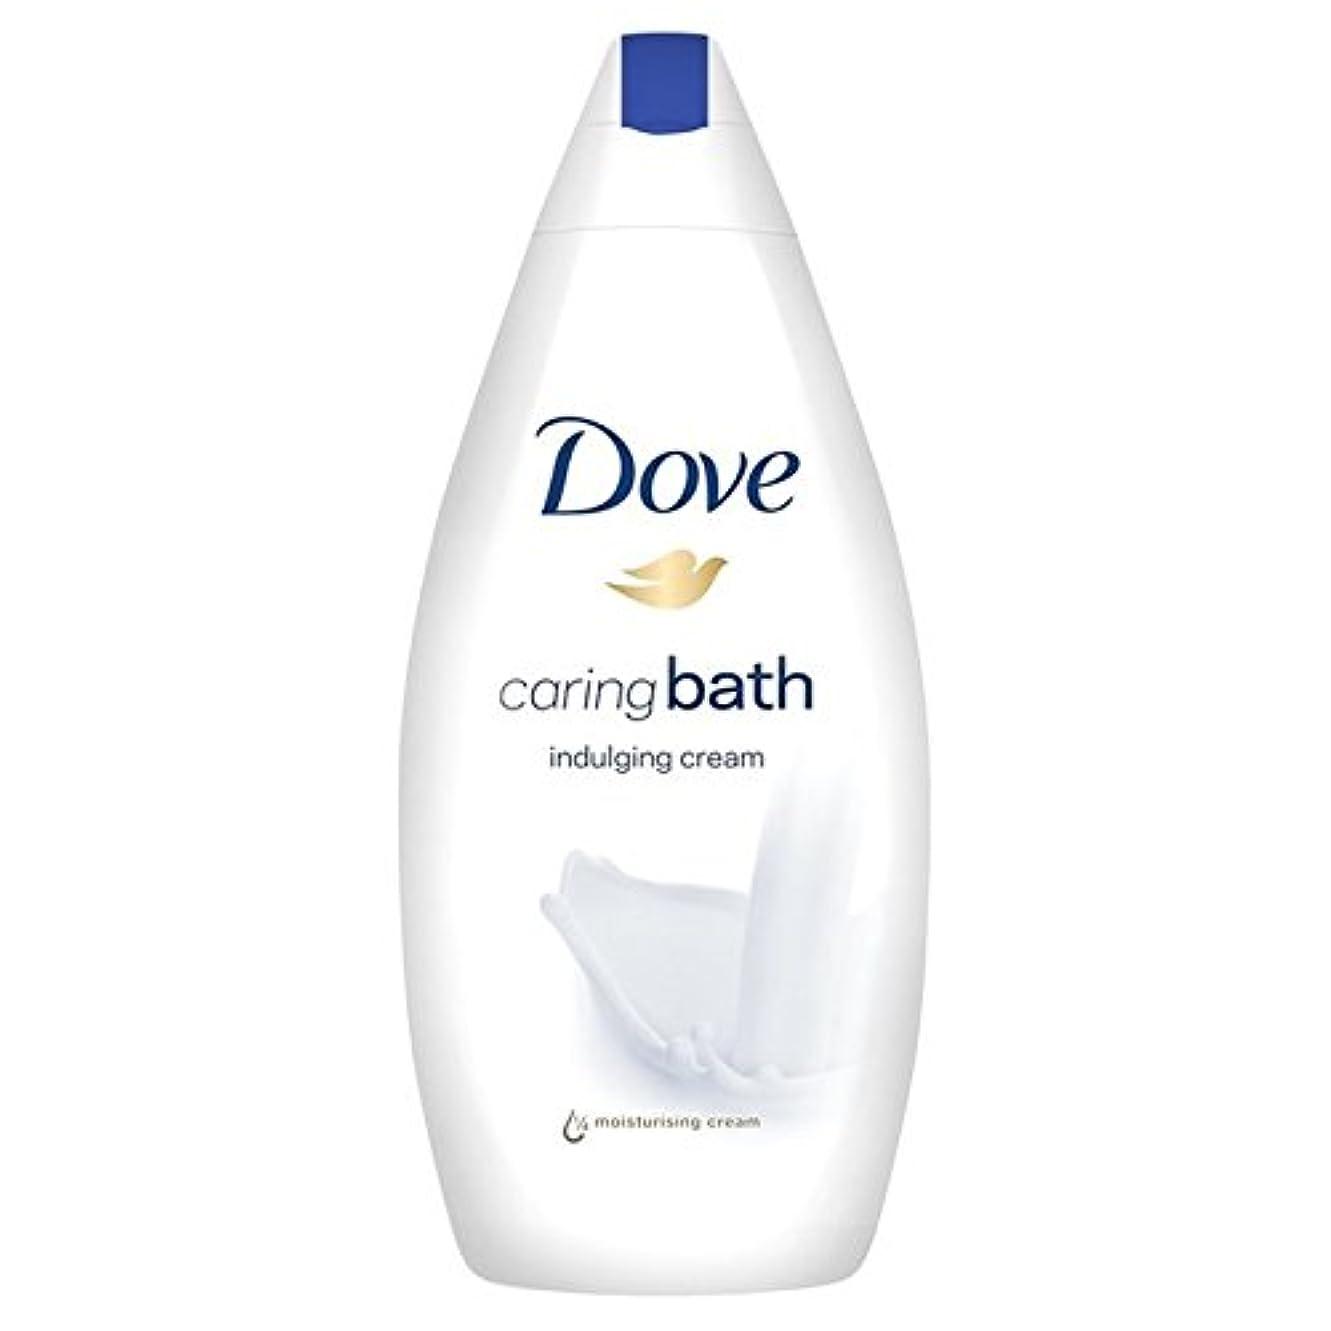 想像力道に迷いました野生思いやりのバス500ミリリットルをふける鳩 x4 - Dove Indulging Caring Bath 500ml (Pack of 4) [並行輸入品]